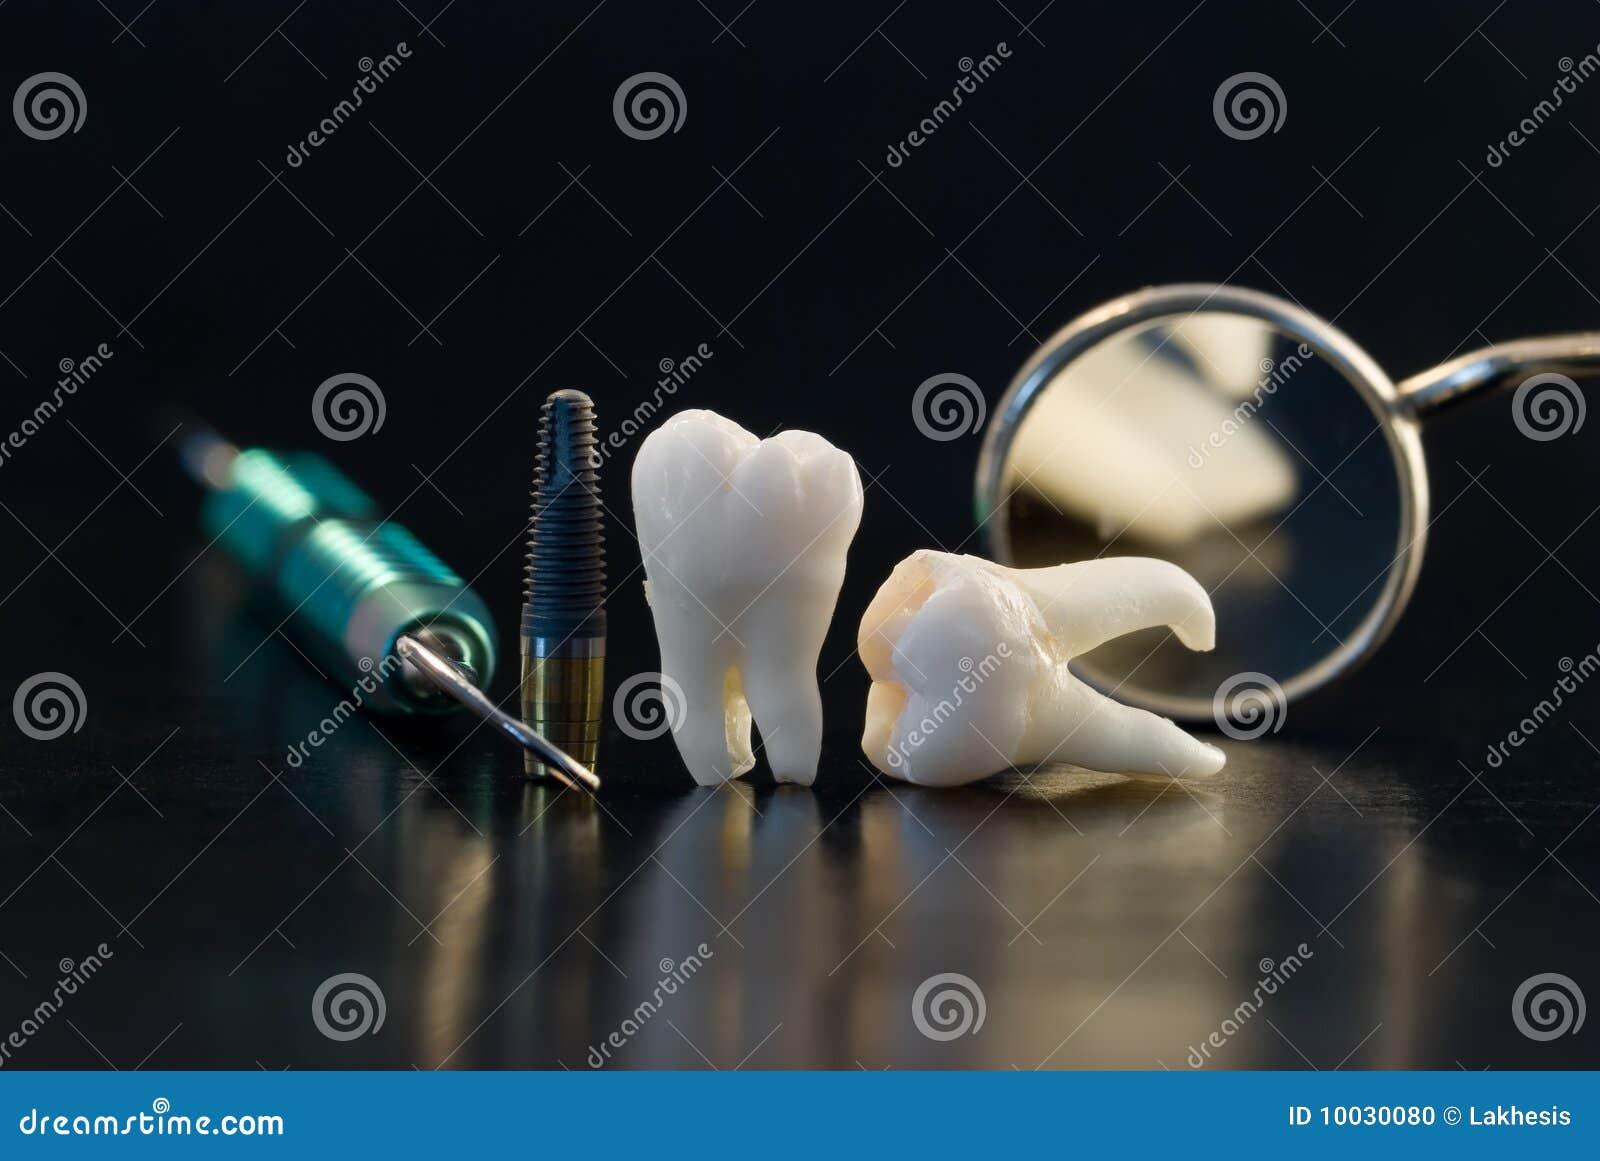 Dentes e implantes